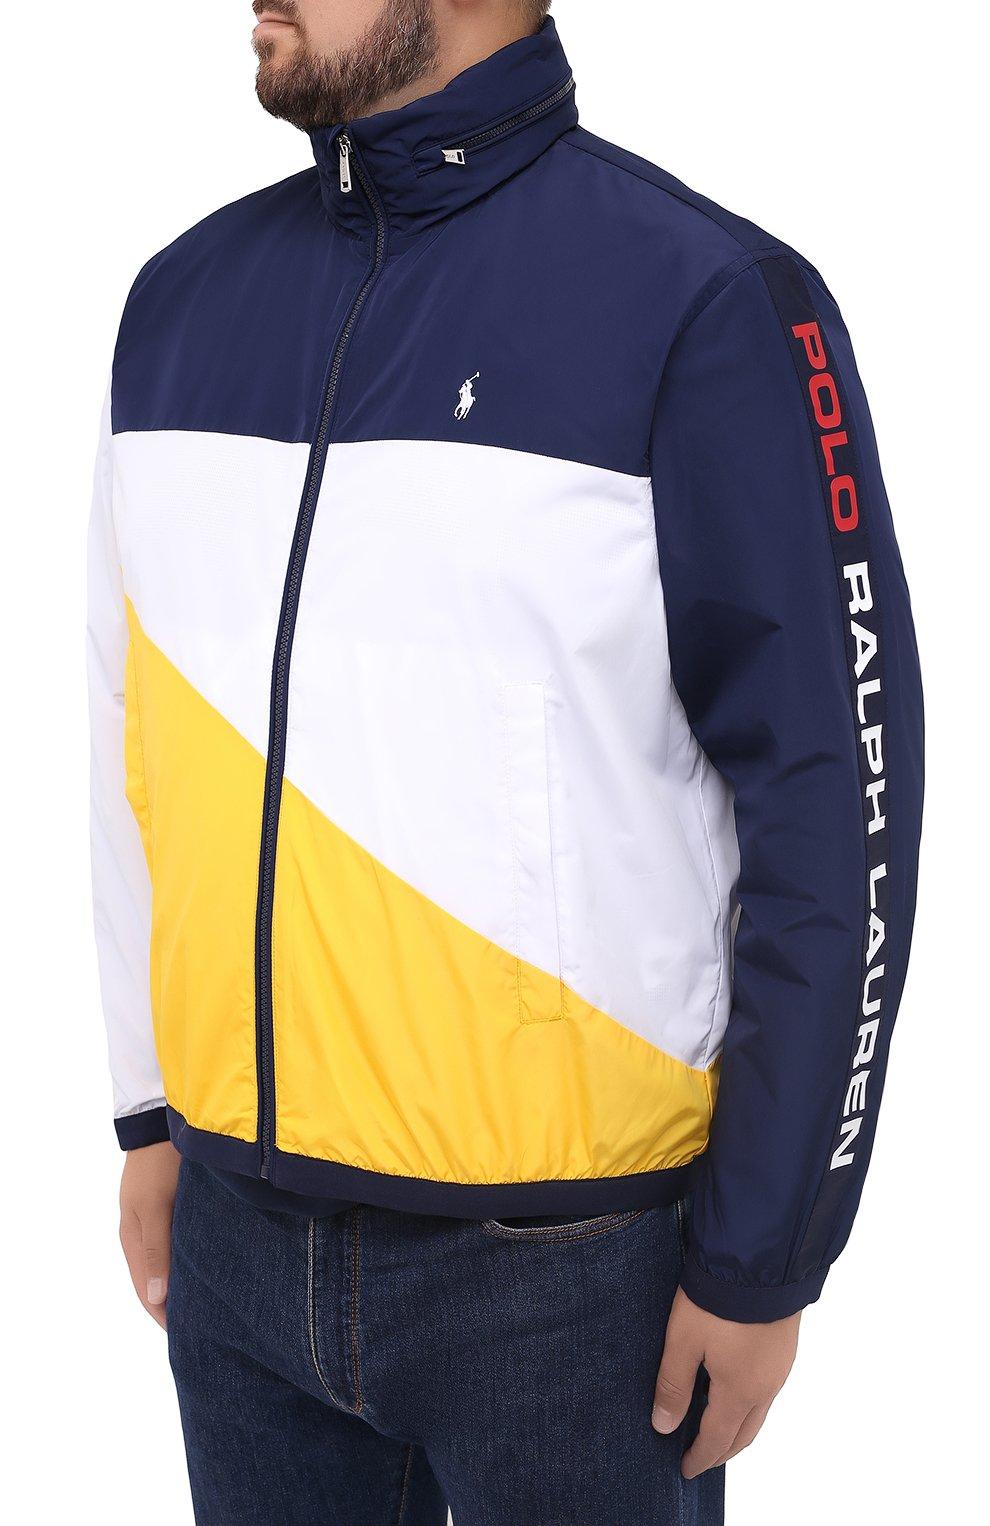 Мужская куртка POLO RALPH LAUREN разноцветного цвета, арт. 711803374/PRL BS   Фото 3 (Кросс-КТ: Куртка, Ветровка; Big sizes: Big Sizes; Рукава: Длинные; Материал внешний: Синтетический материал; Мужское Кросс-КТ: Куртка-верхняя одежда, Верхняя одежда; Материал подклада: Синтетический материал; Длина (верхняя одежда): Короткие; Стили: Кэжуэл)